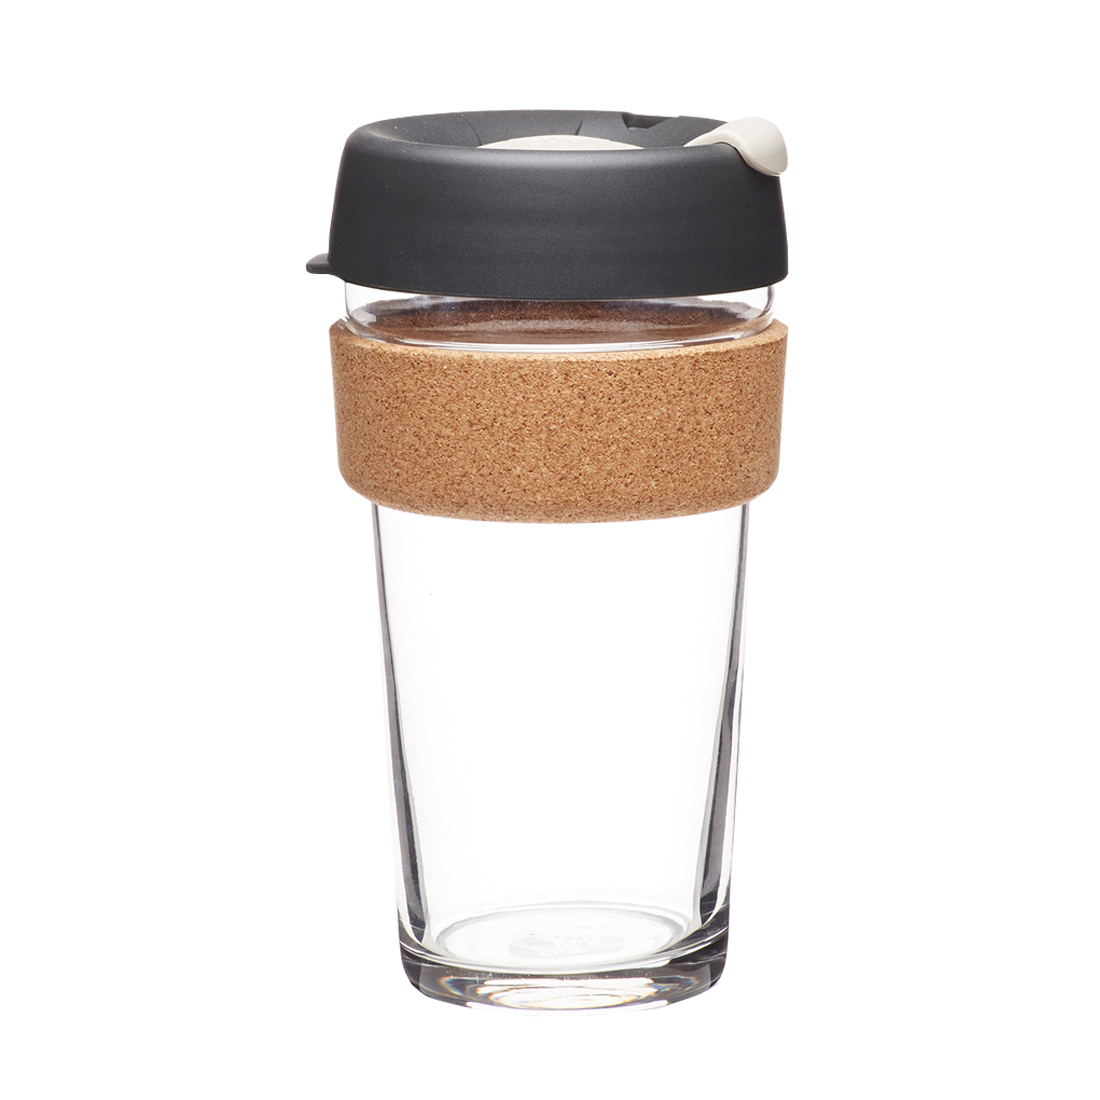 澳洲 KeepCup 隨身咖啡杯 軟木系列 L - 重烘培